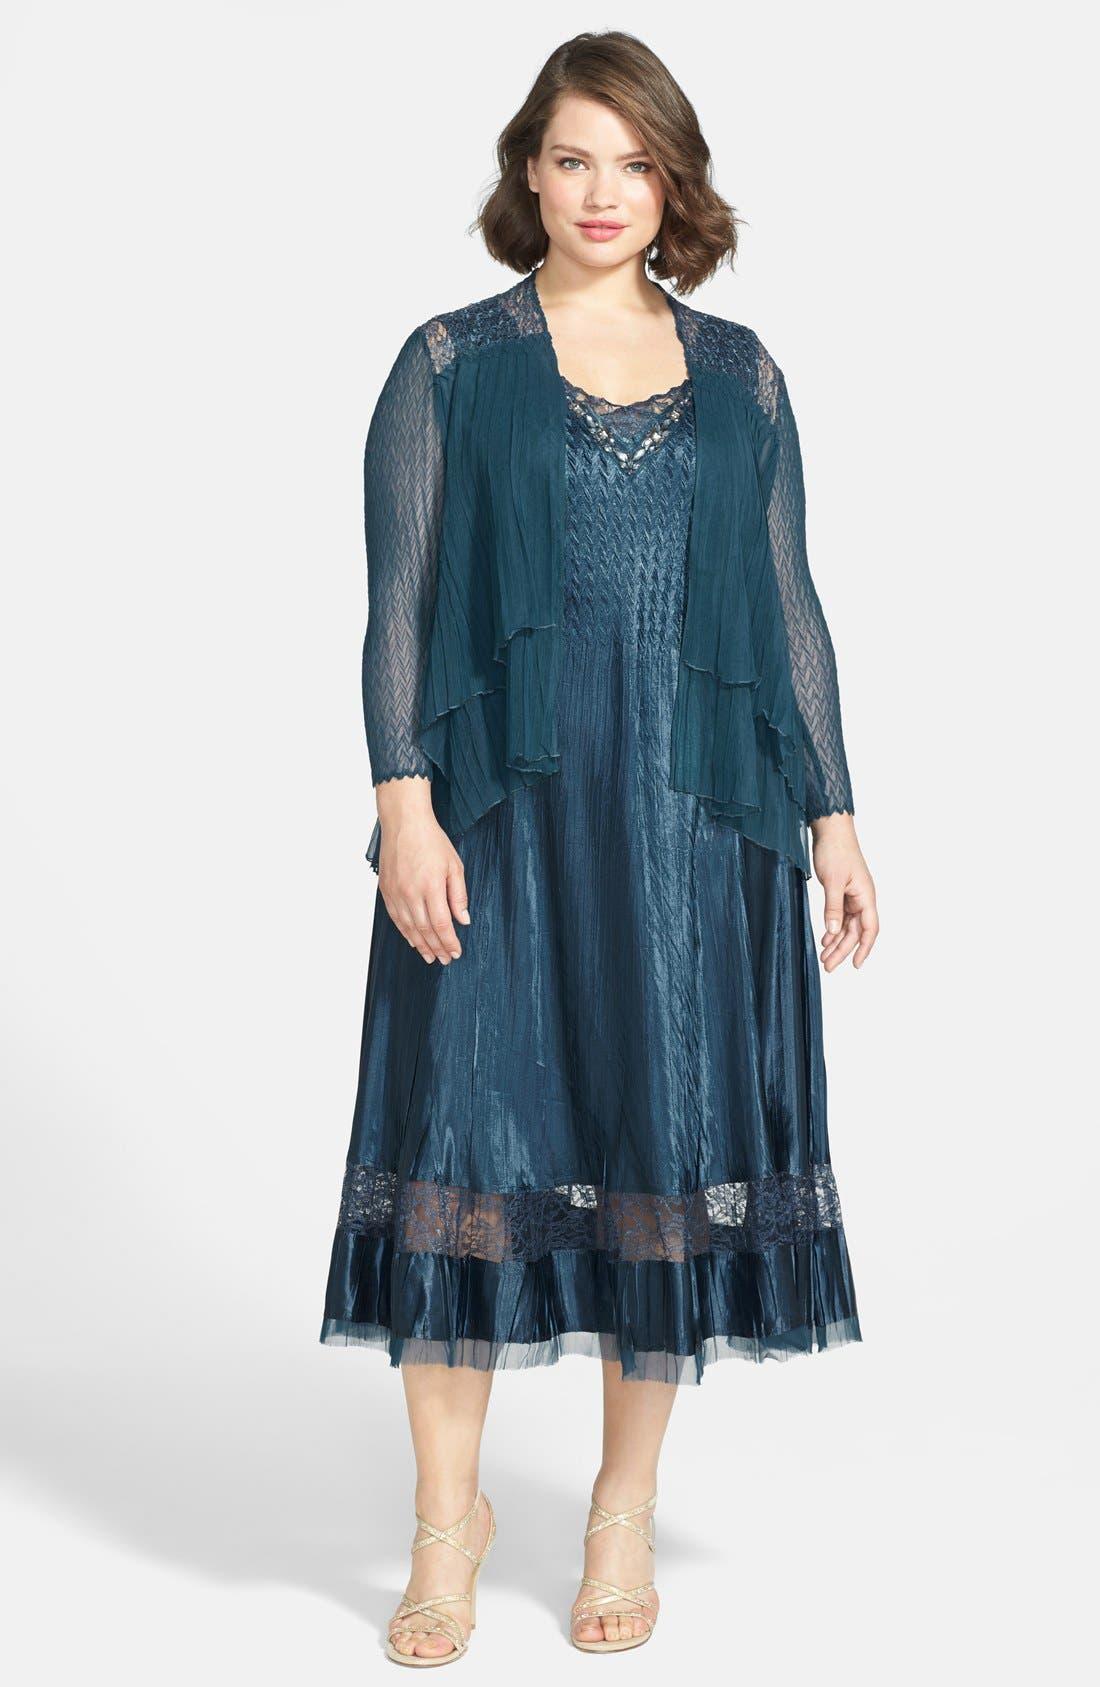 Main Image - Komarov Embellished Charmeuse Dress & Chiffon Jacket (Plus Size)